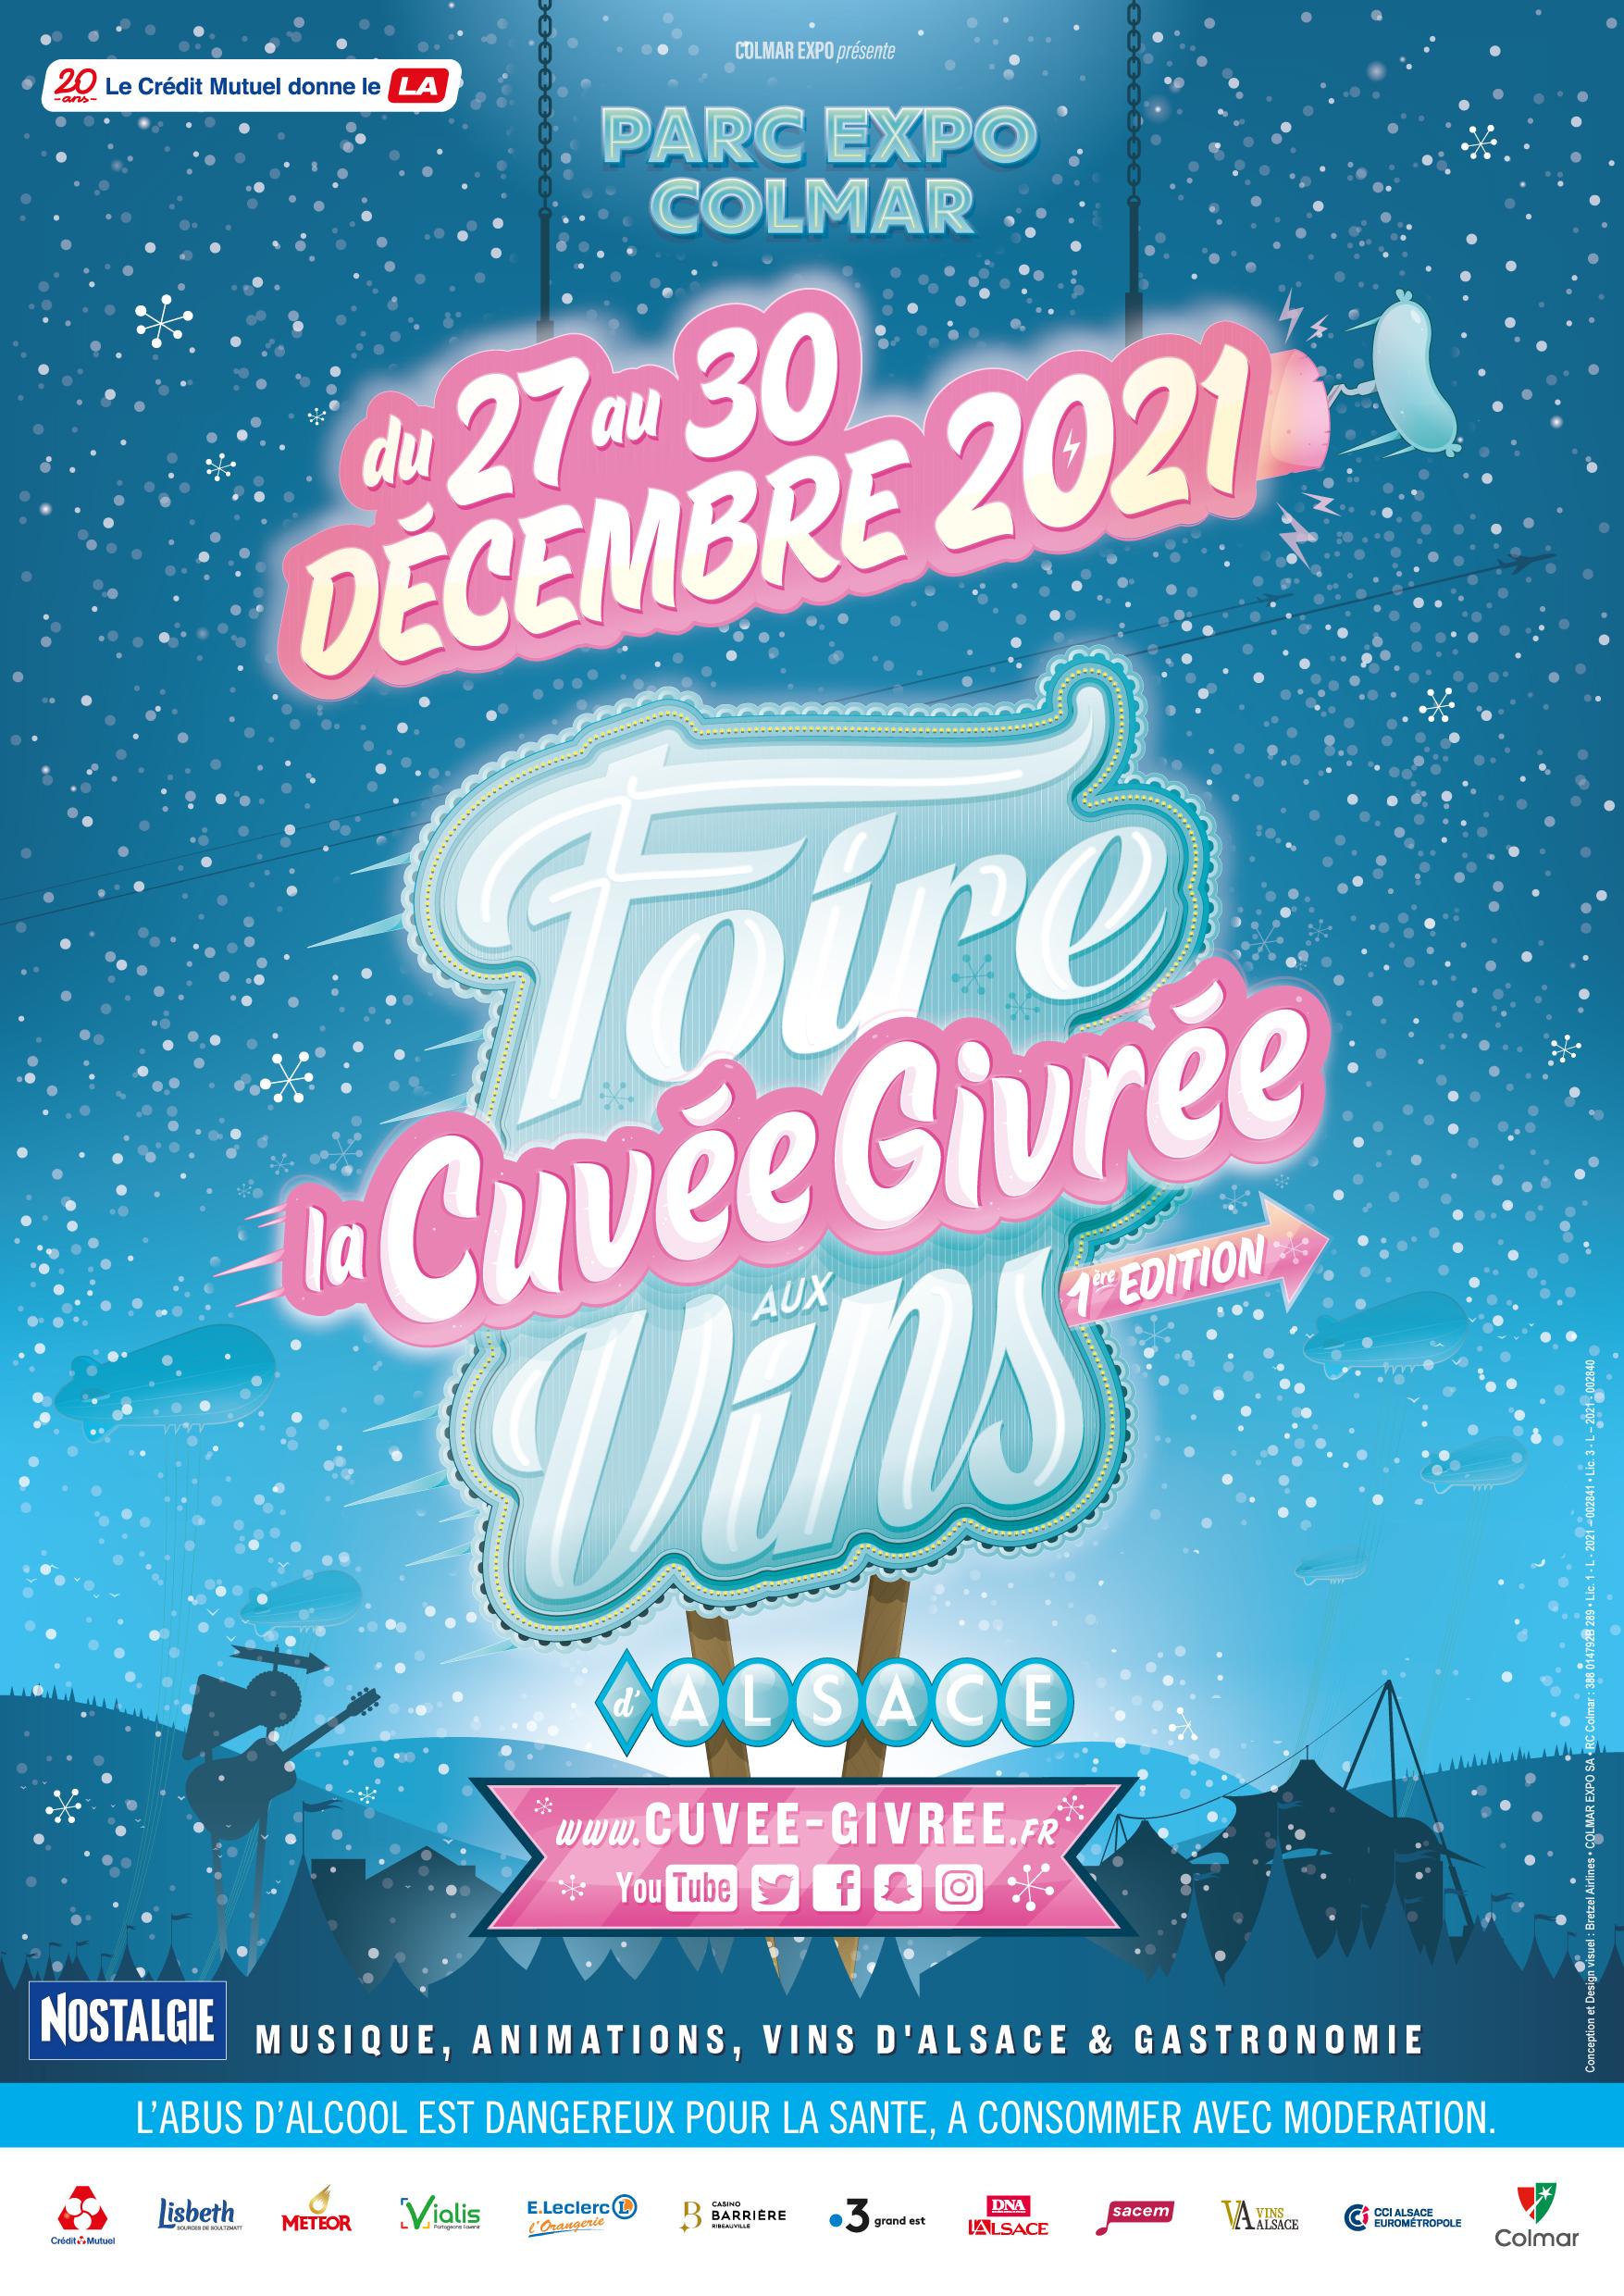 CUVEE GIVREE : ENTREE FOIRE AUX VINS D'ALSACE